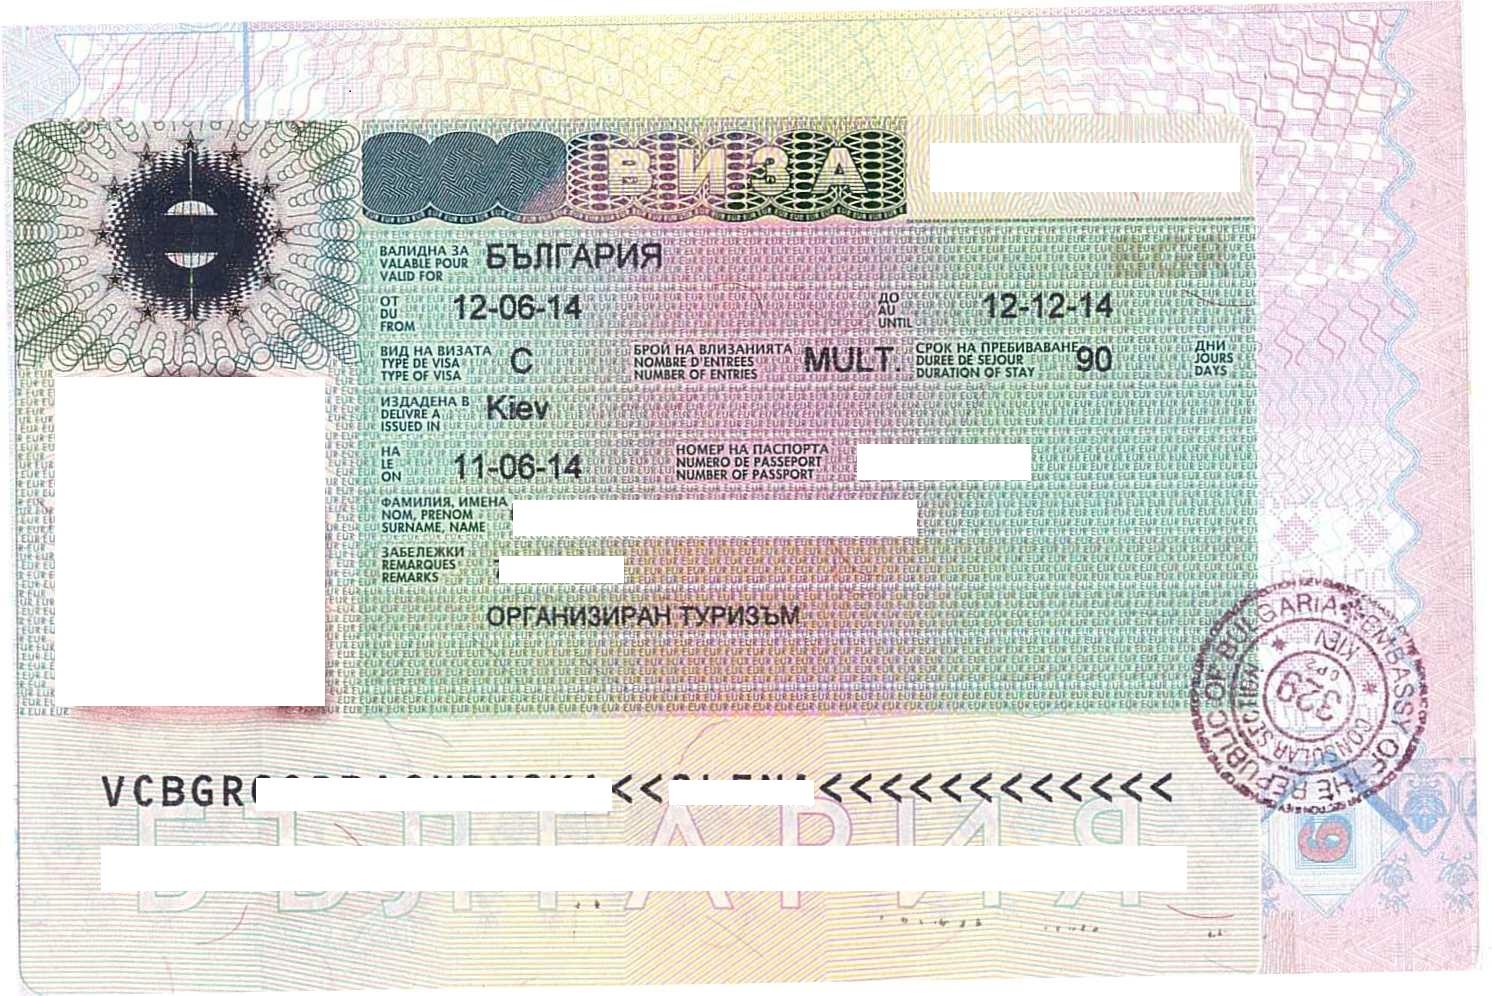 загородные мыши фотография для визы в болгарию эротические фото голой